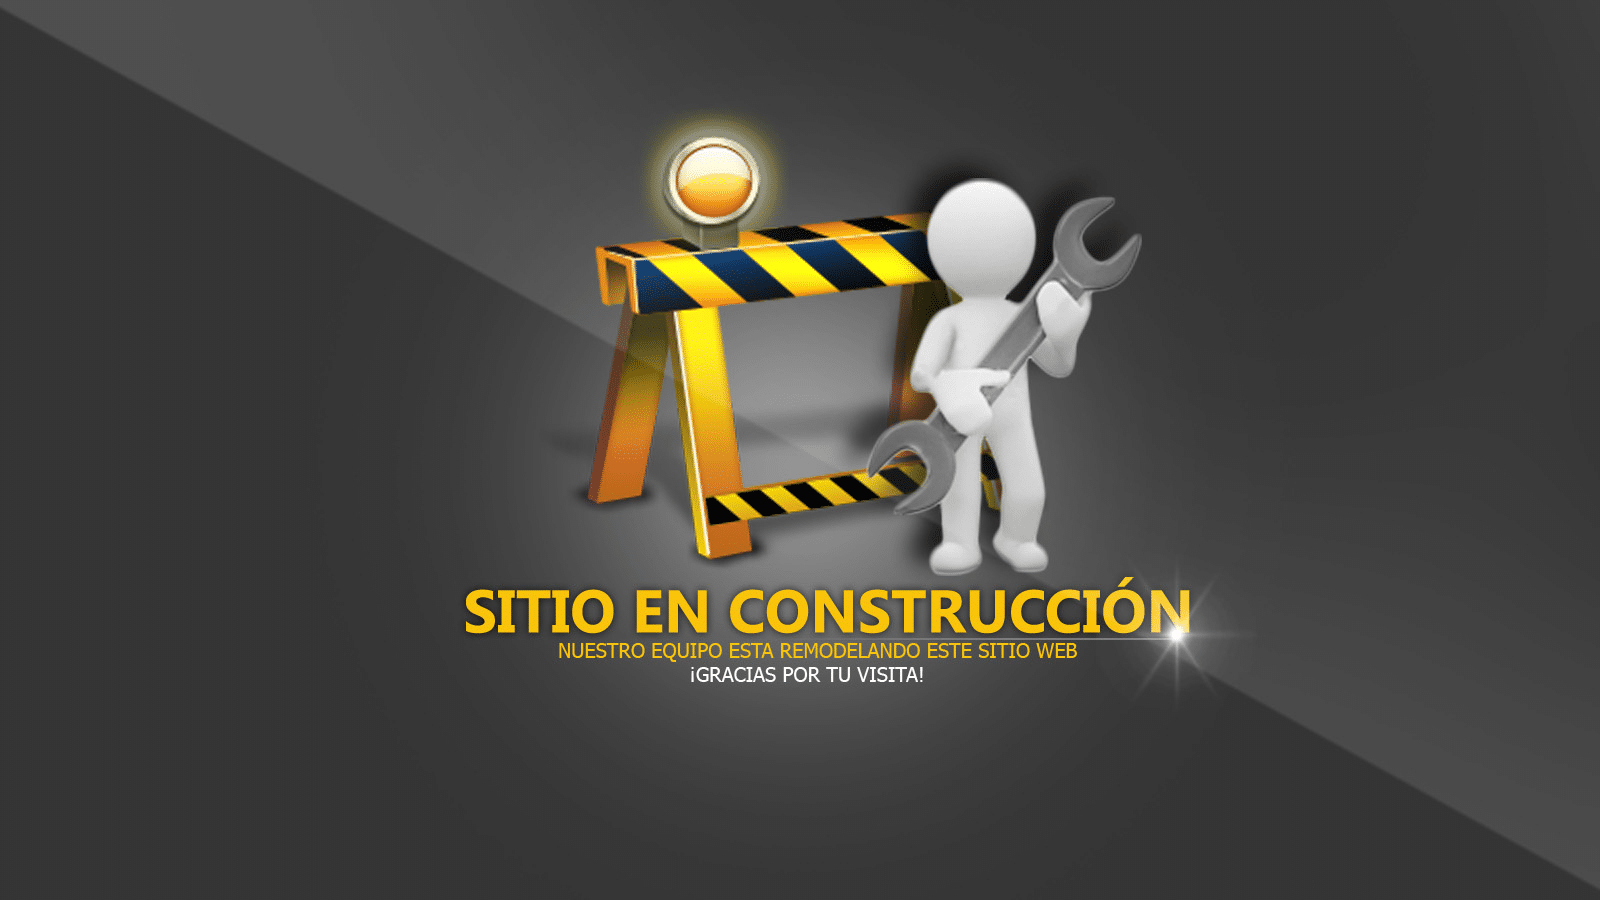 CÓMO CREAR UNA PÁGINA EN CONSTRUCCIÓN EN WORDPRESS?